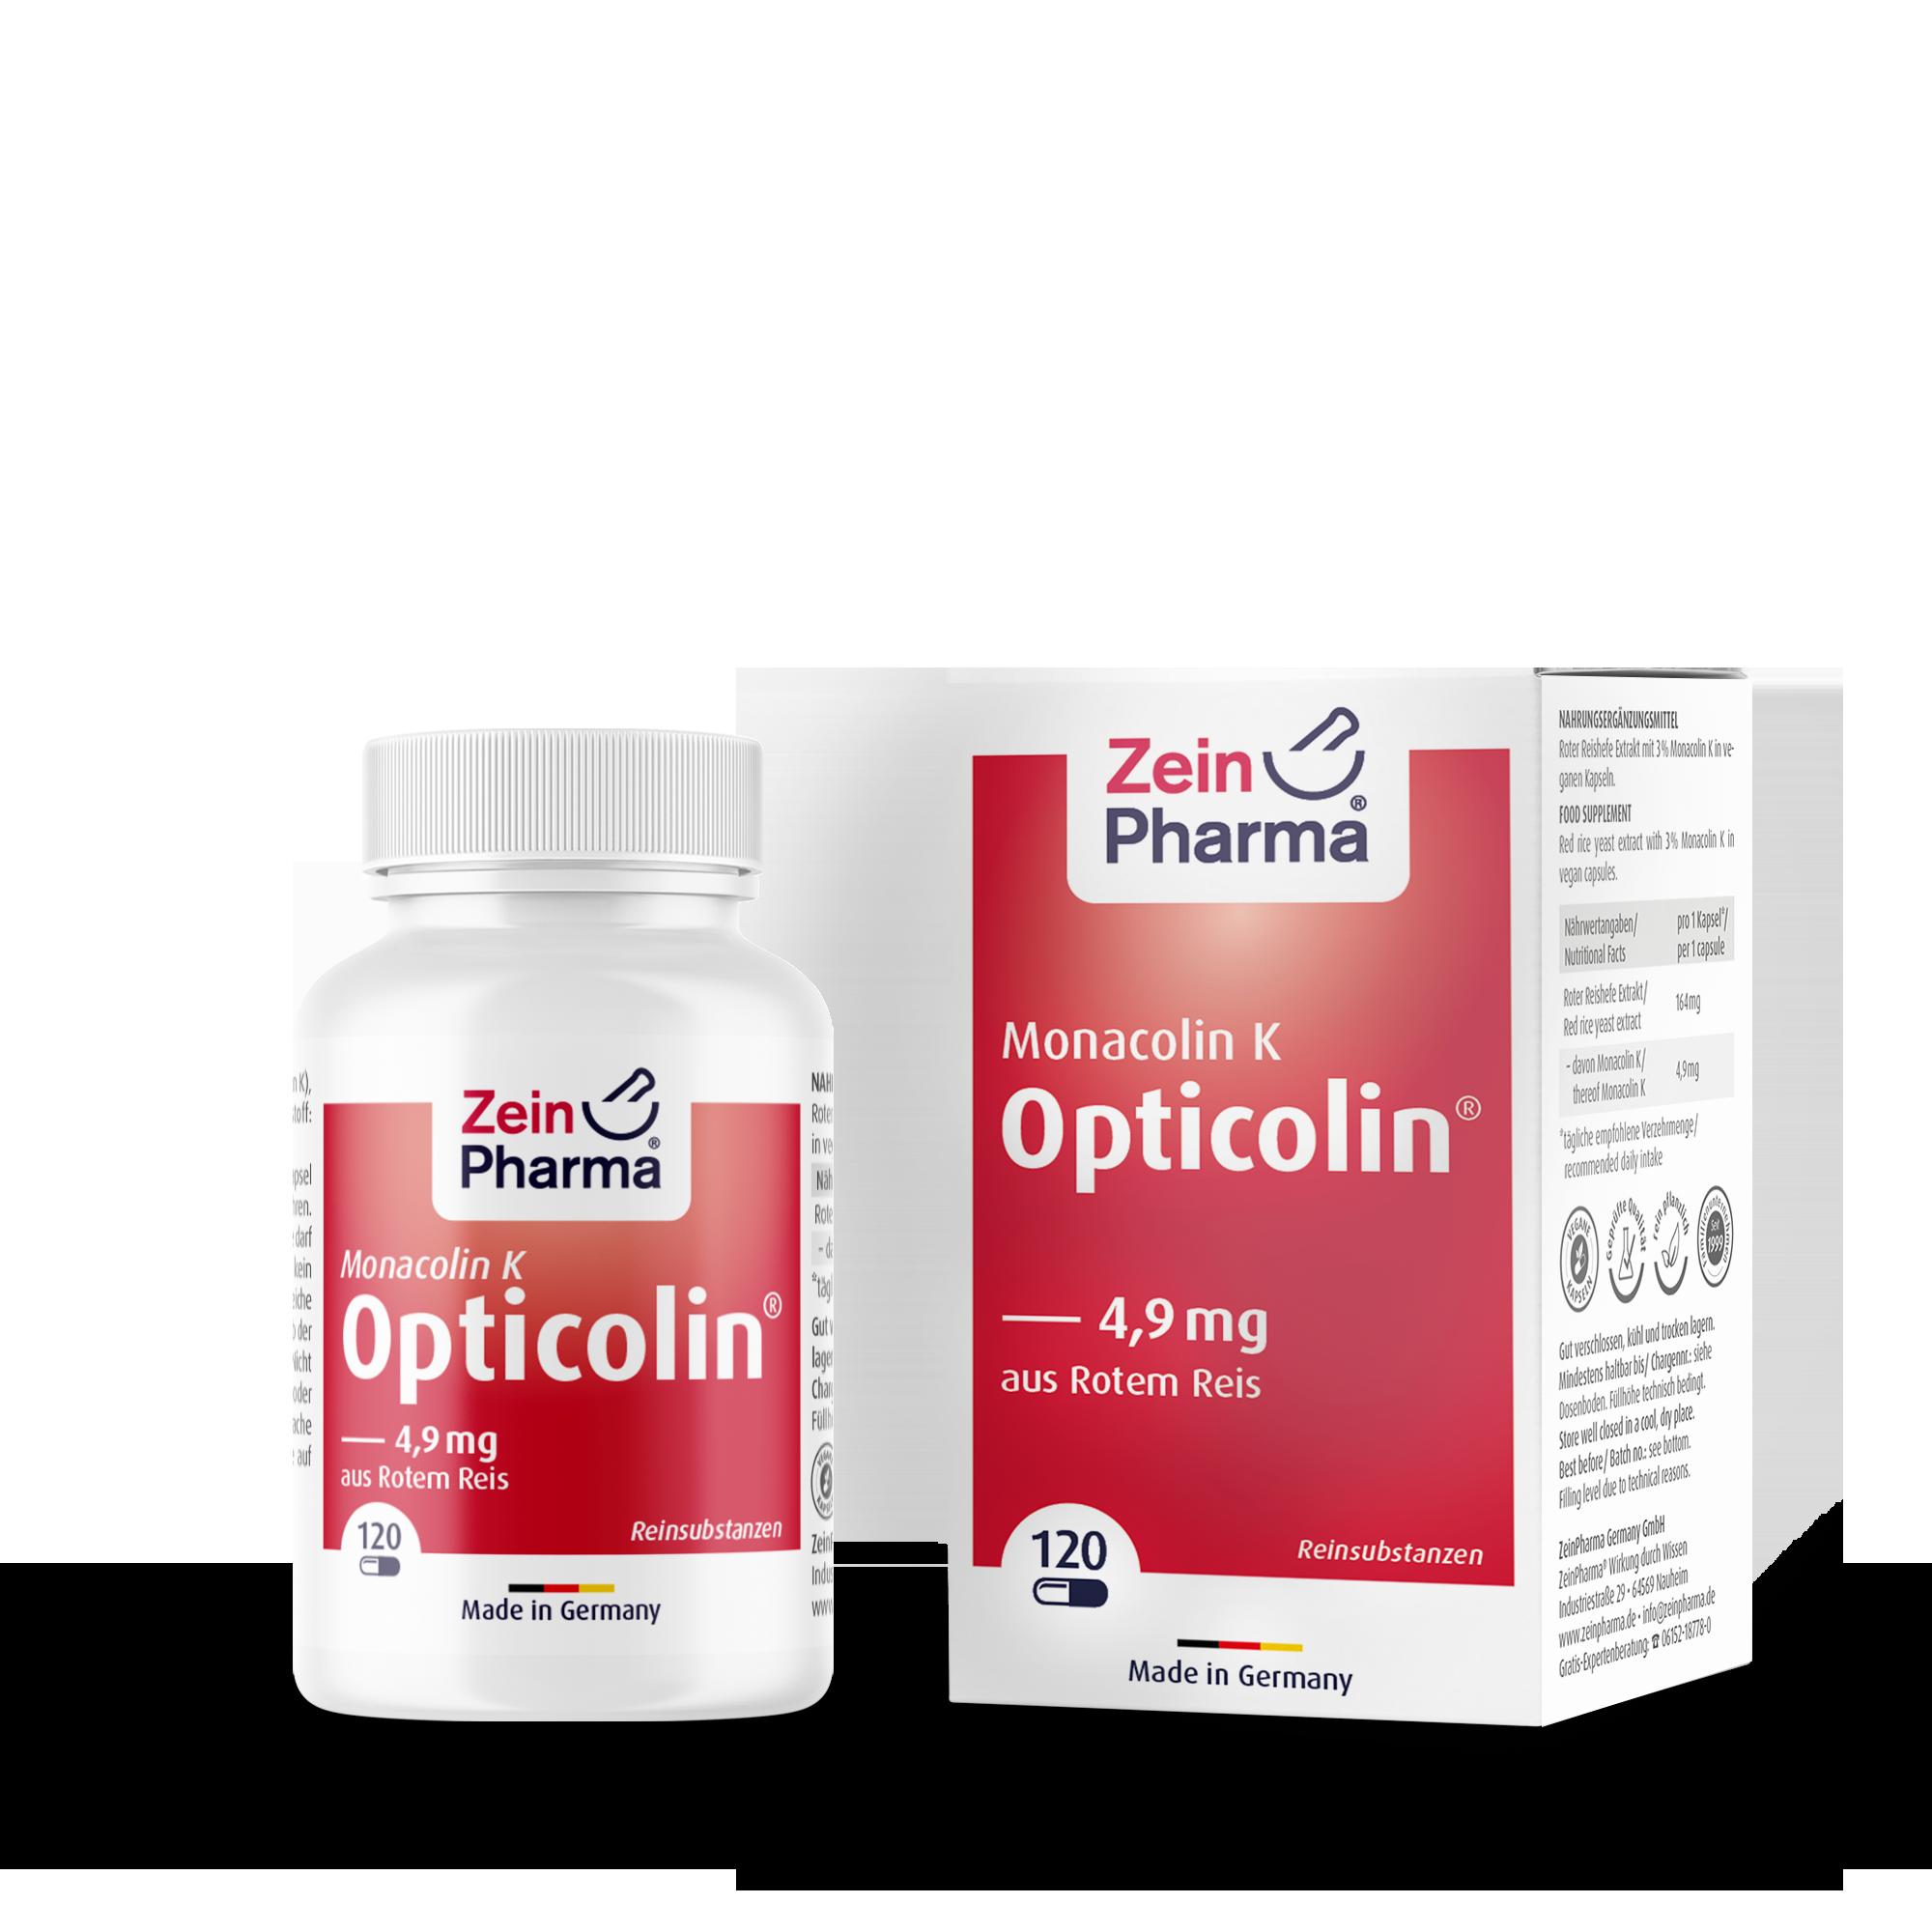 Monacolin K Opticolin® 4,9 mg